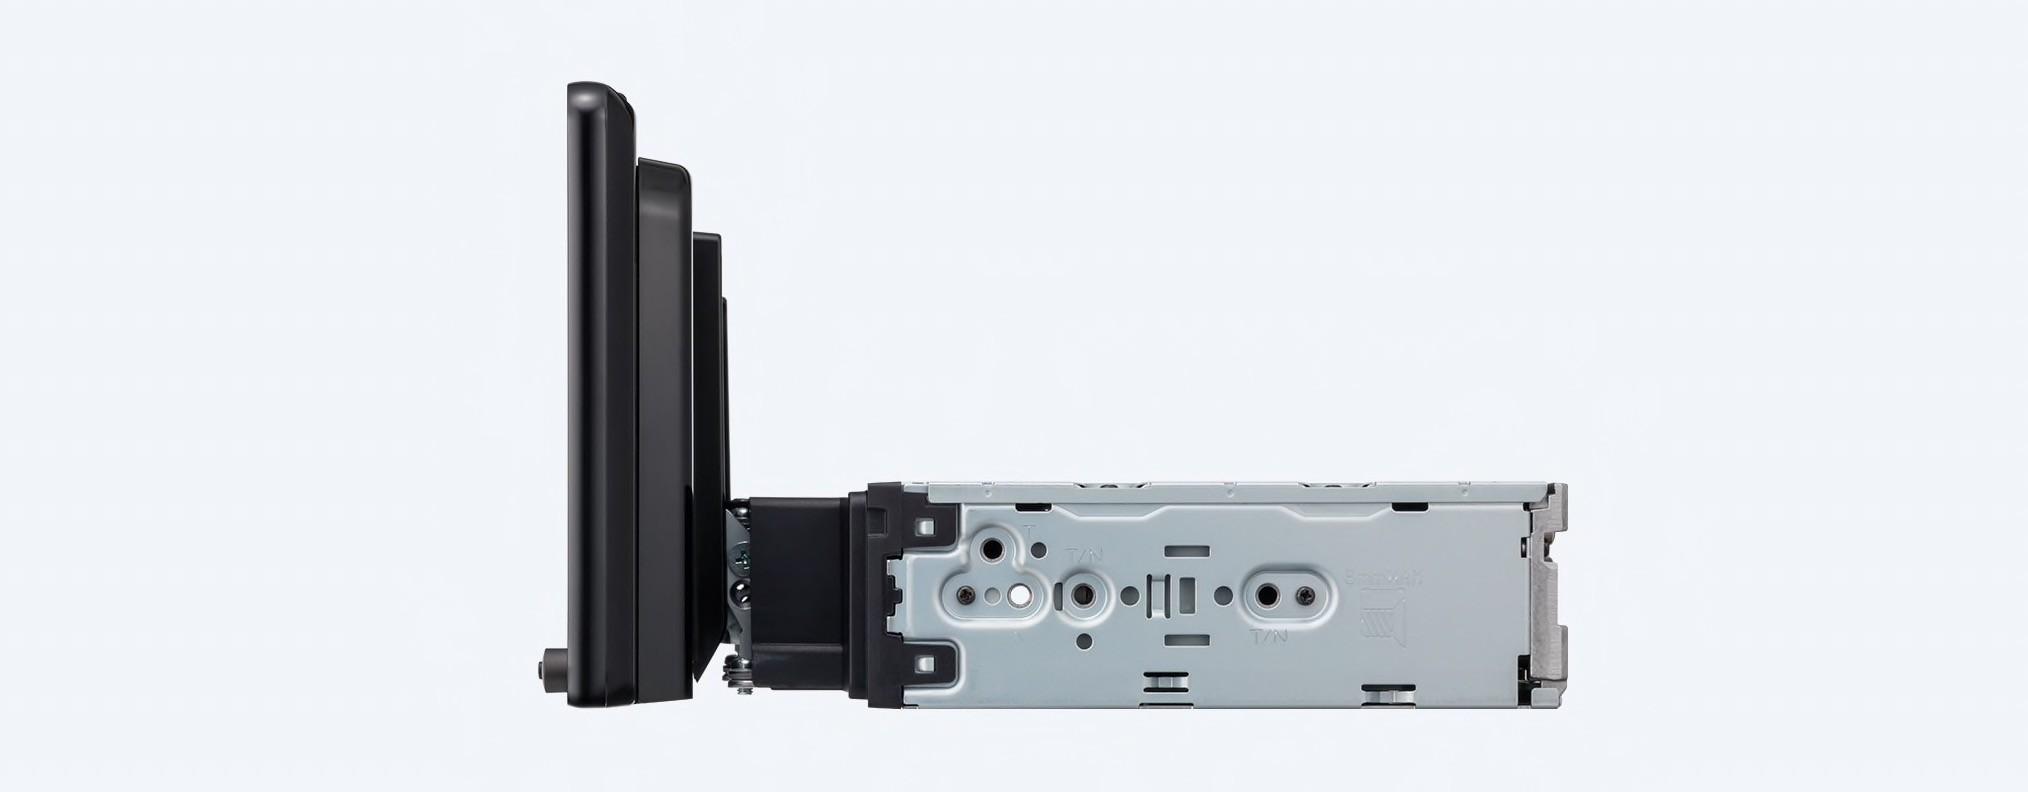 XAV-AX8000: Sony mit großer Carplay- und Android-Auto-Nachrüstlösung - Sony XAV-AX8000 (Bild: Sony)